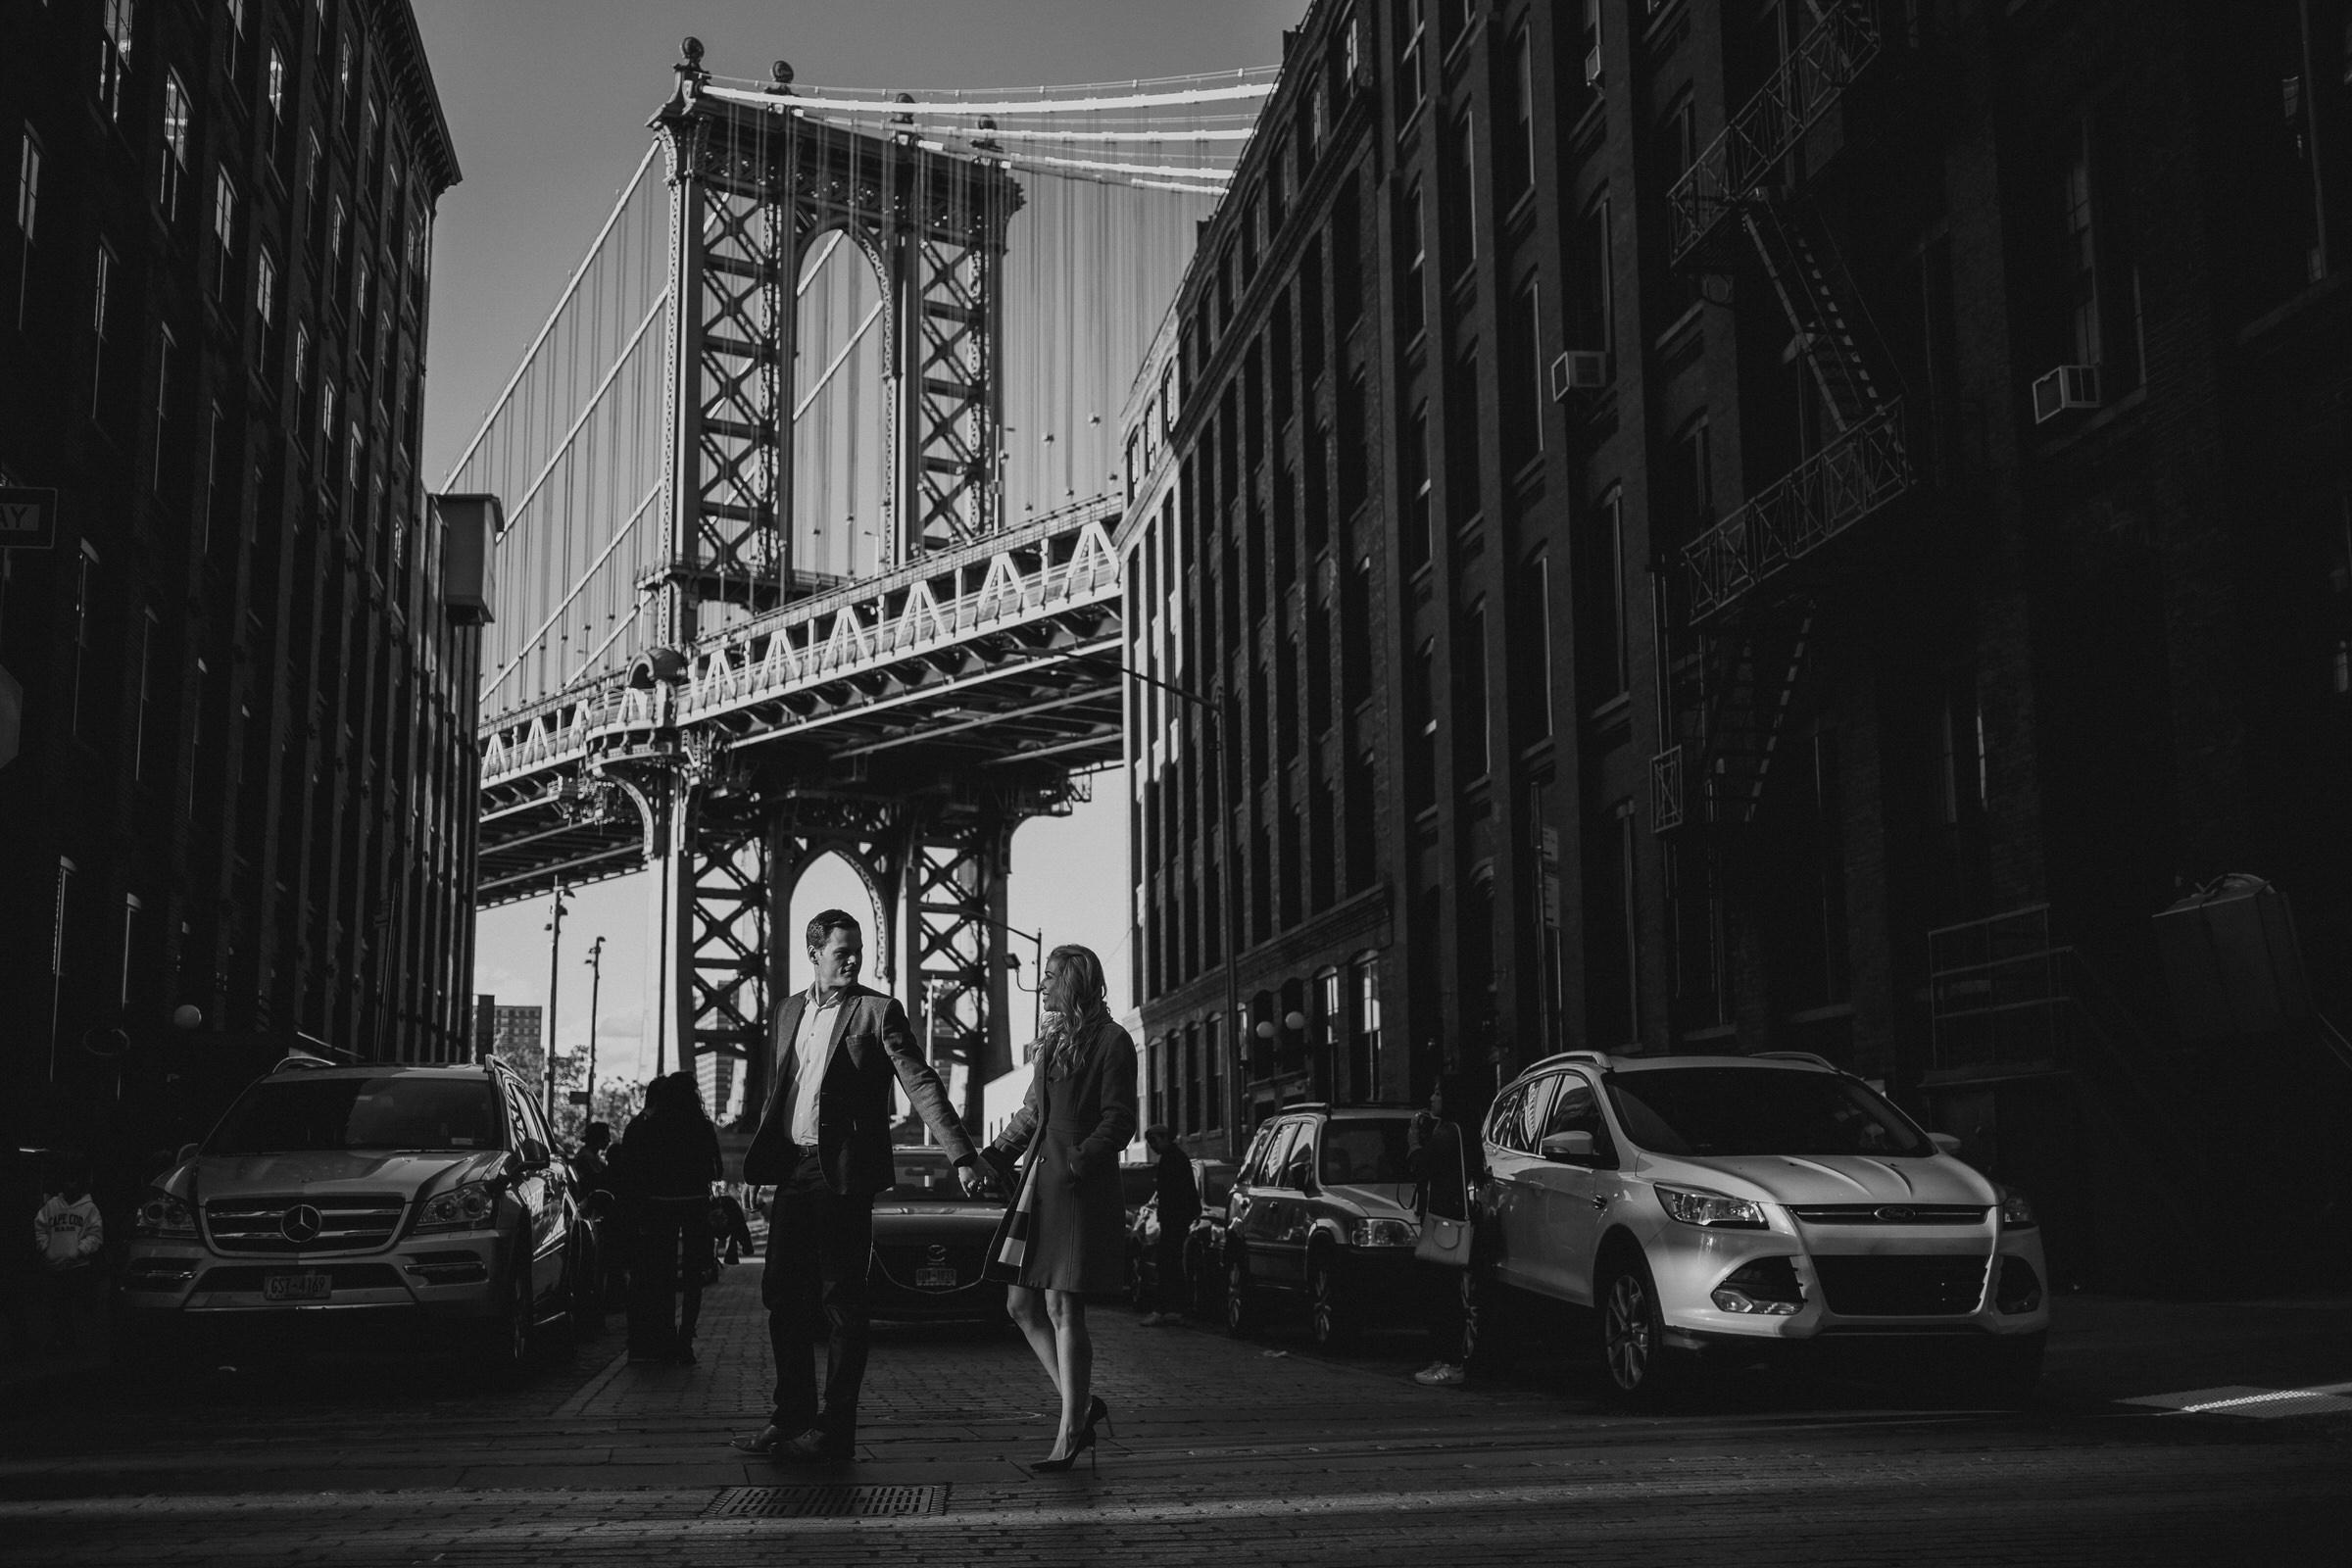 Michelle-Matt-Eng-NYC-141-1.jpg